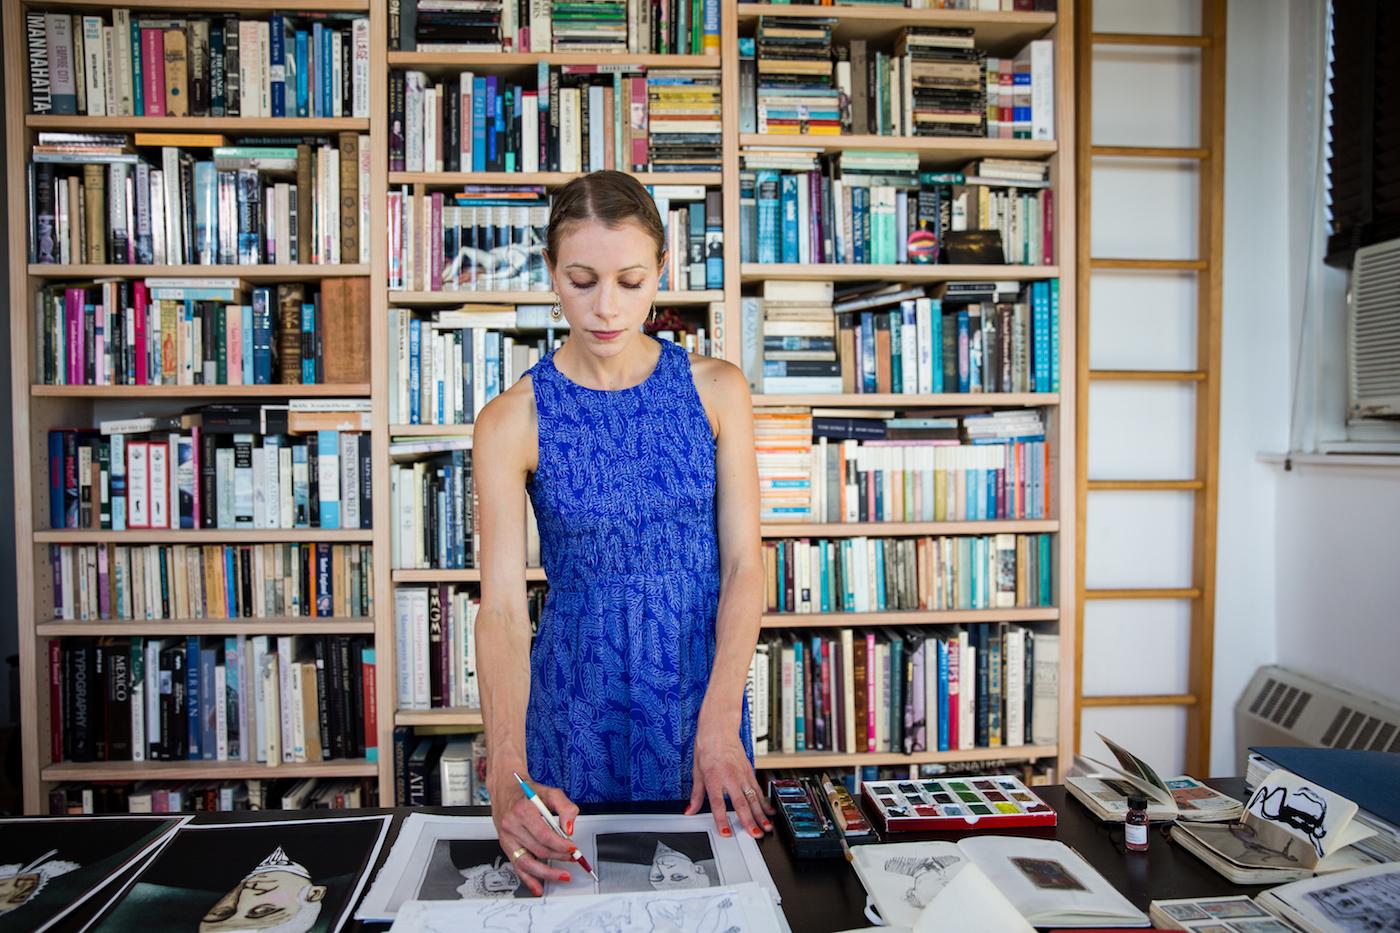 Lauren Redniss, 2016 MacArthur Fellow, New York, New York, September 16, 2016